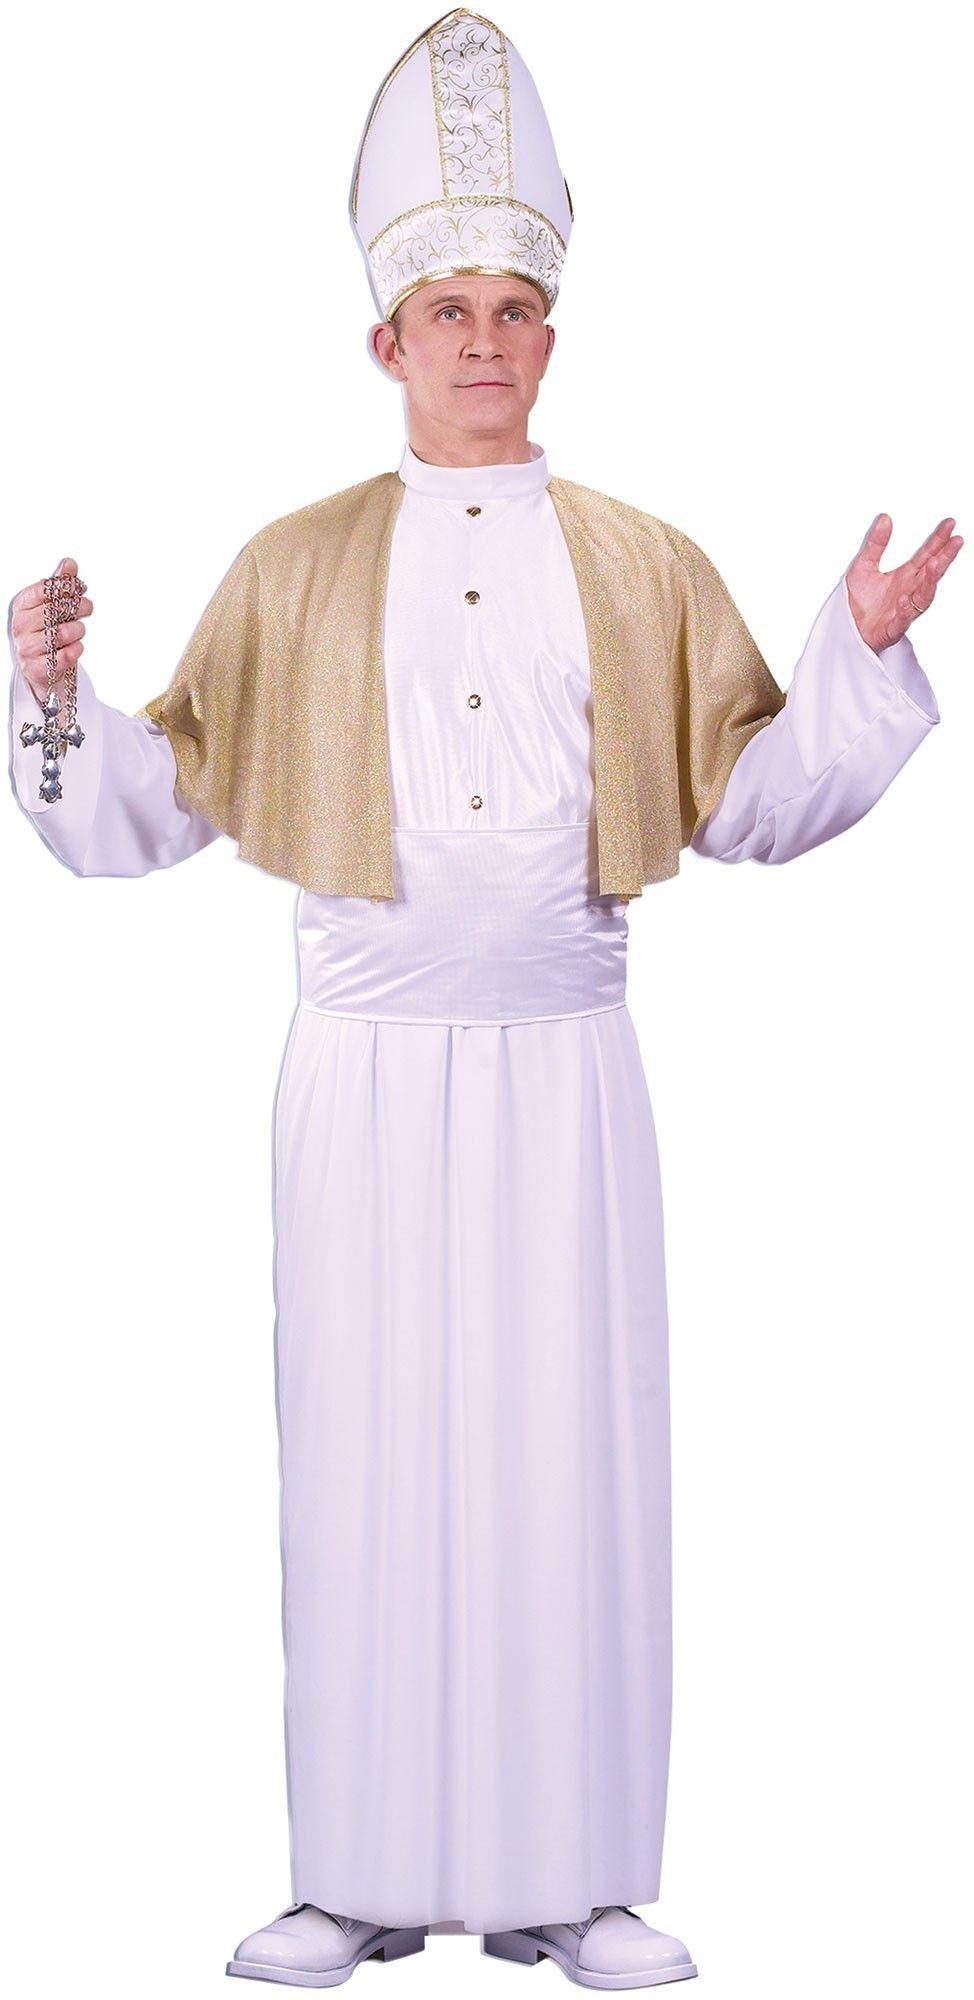 Белый костюм первосвященника (48) от Vkostume